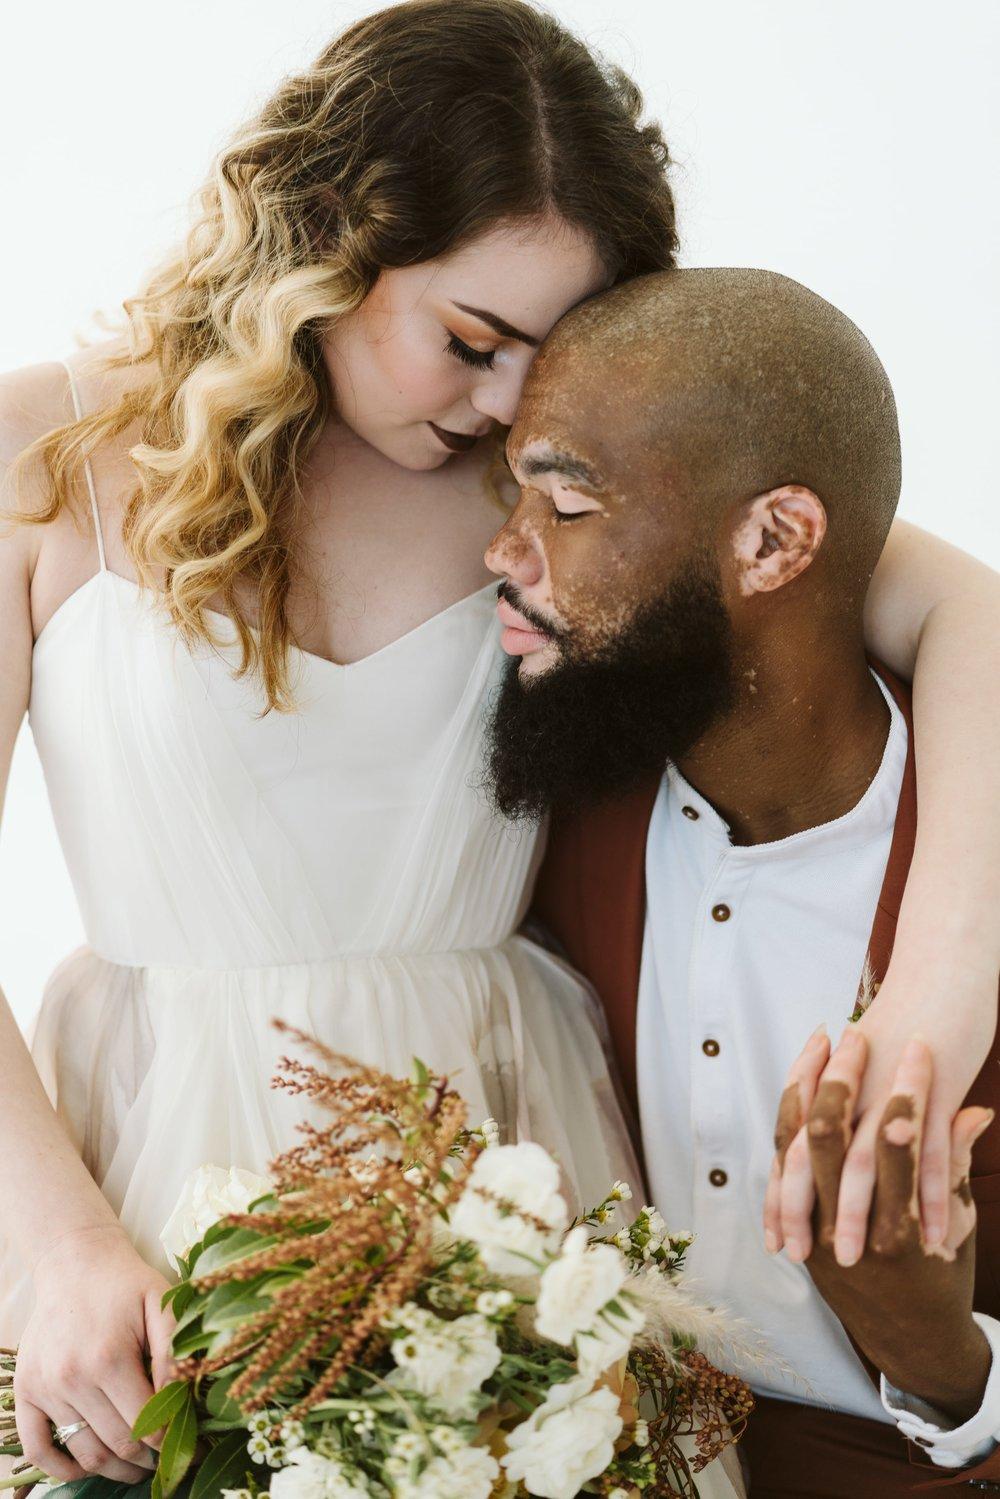 mustard-editorial-bridal-13.jpg